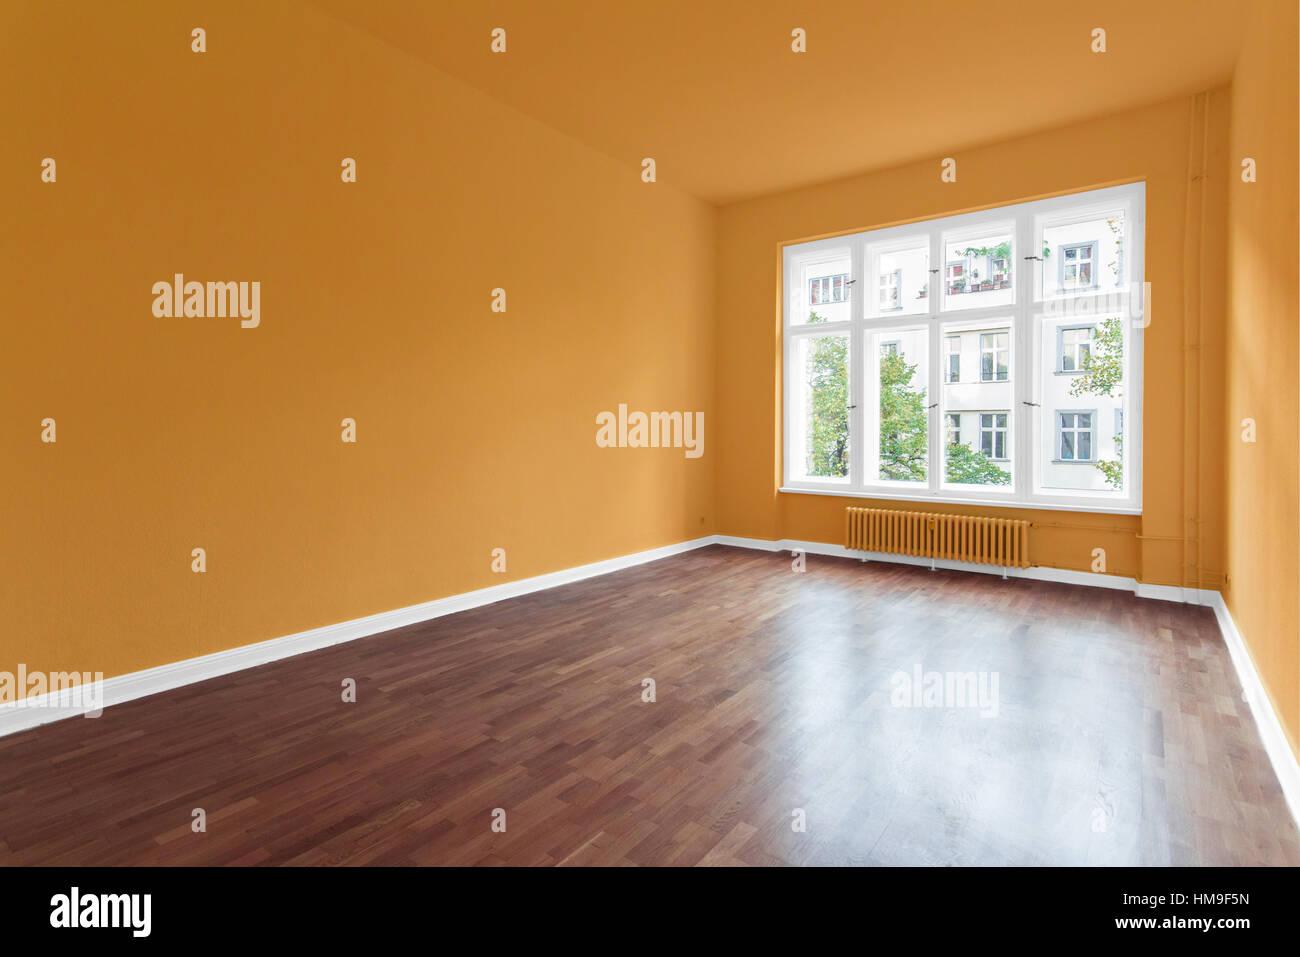 Pareti Colore Arancione : Stanza vuota con pareti di colore arancione e il pavimento in legno